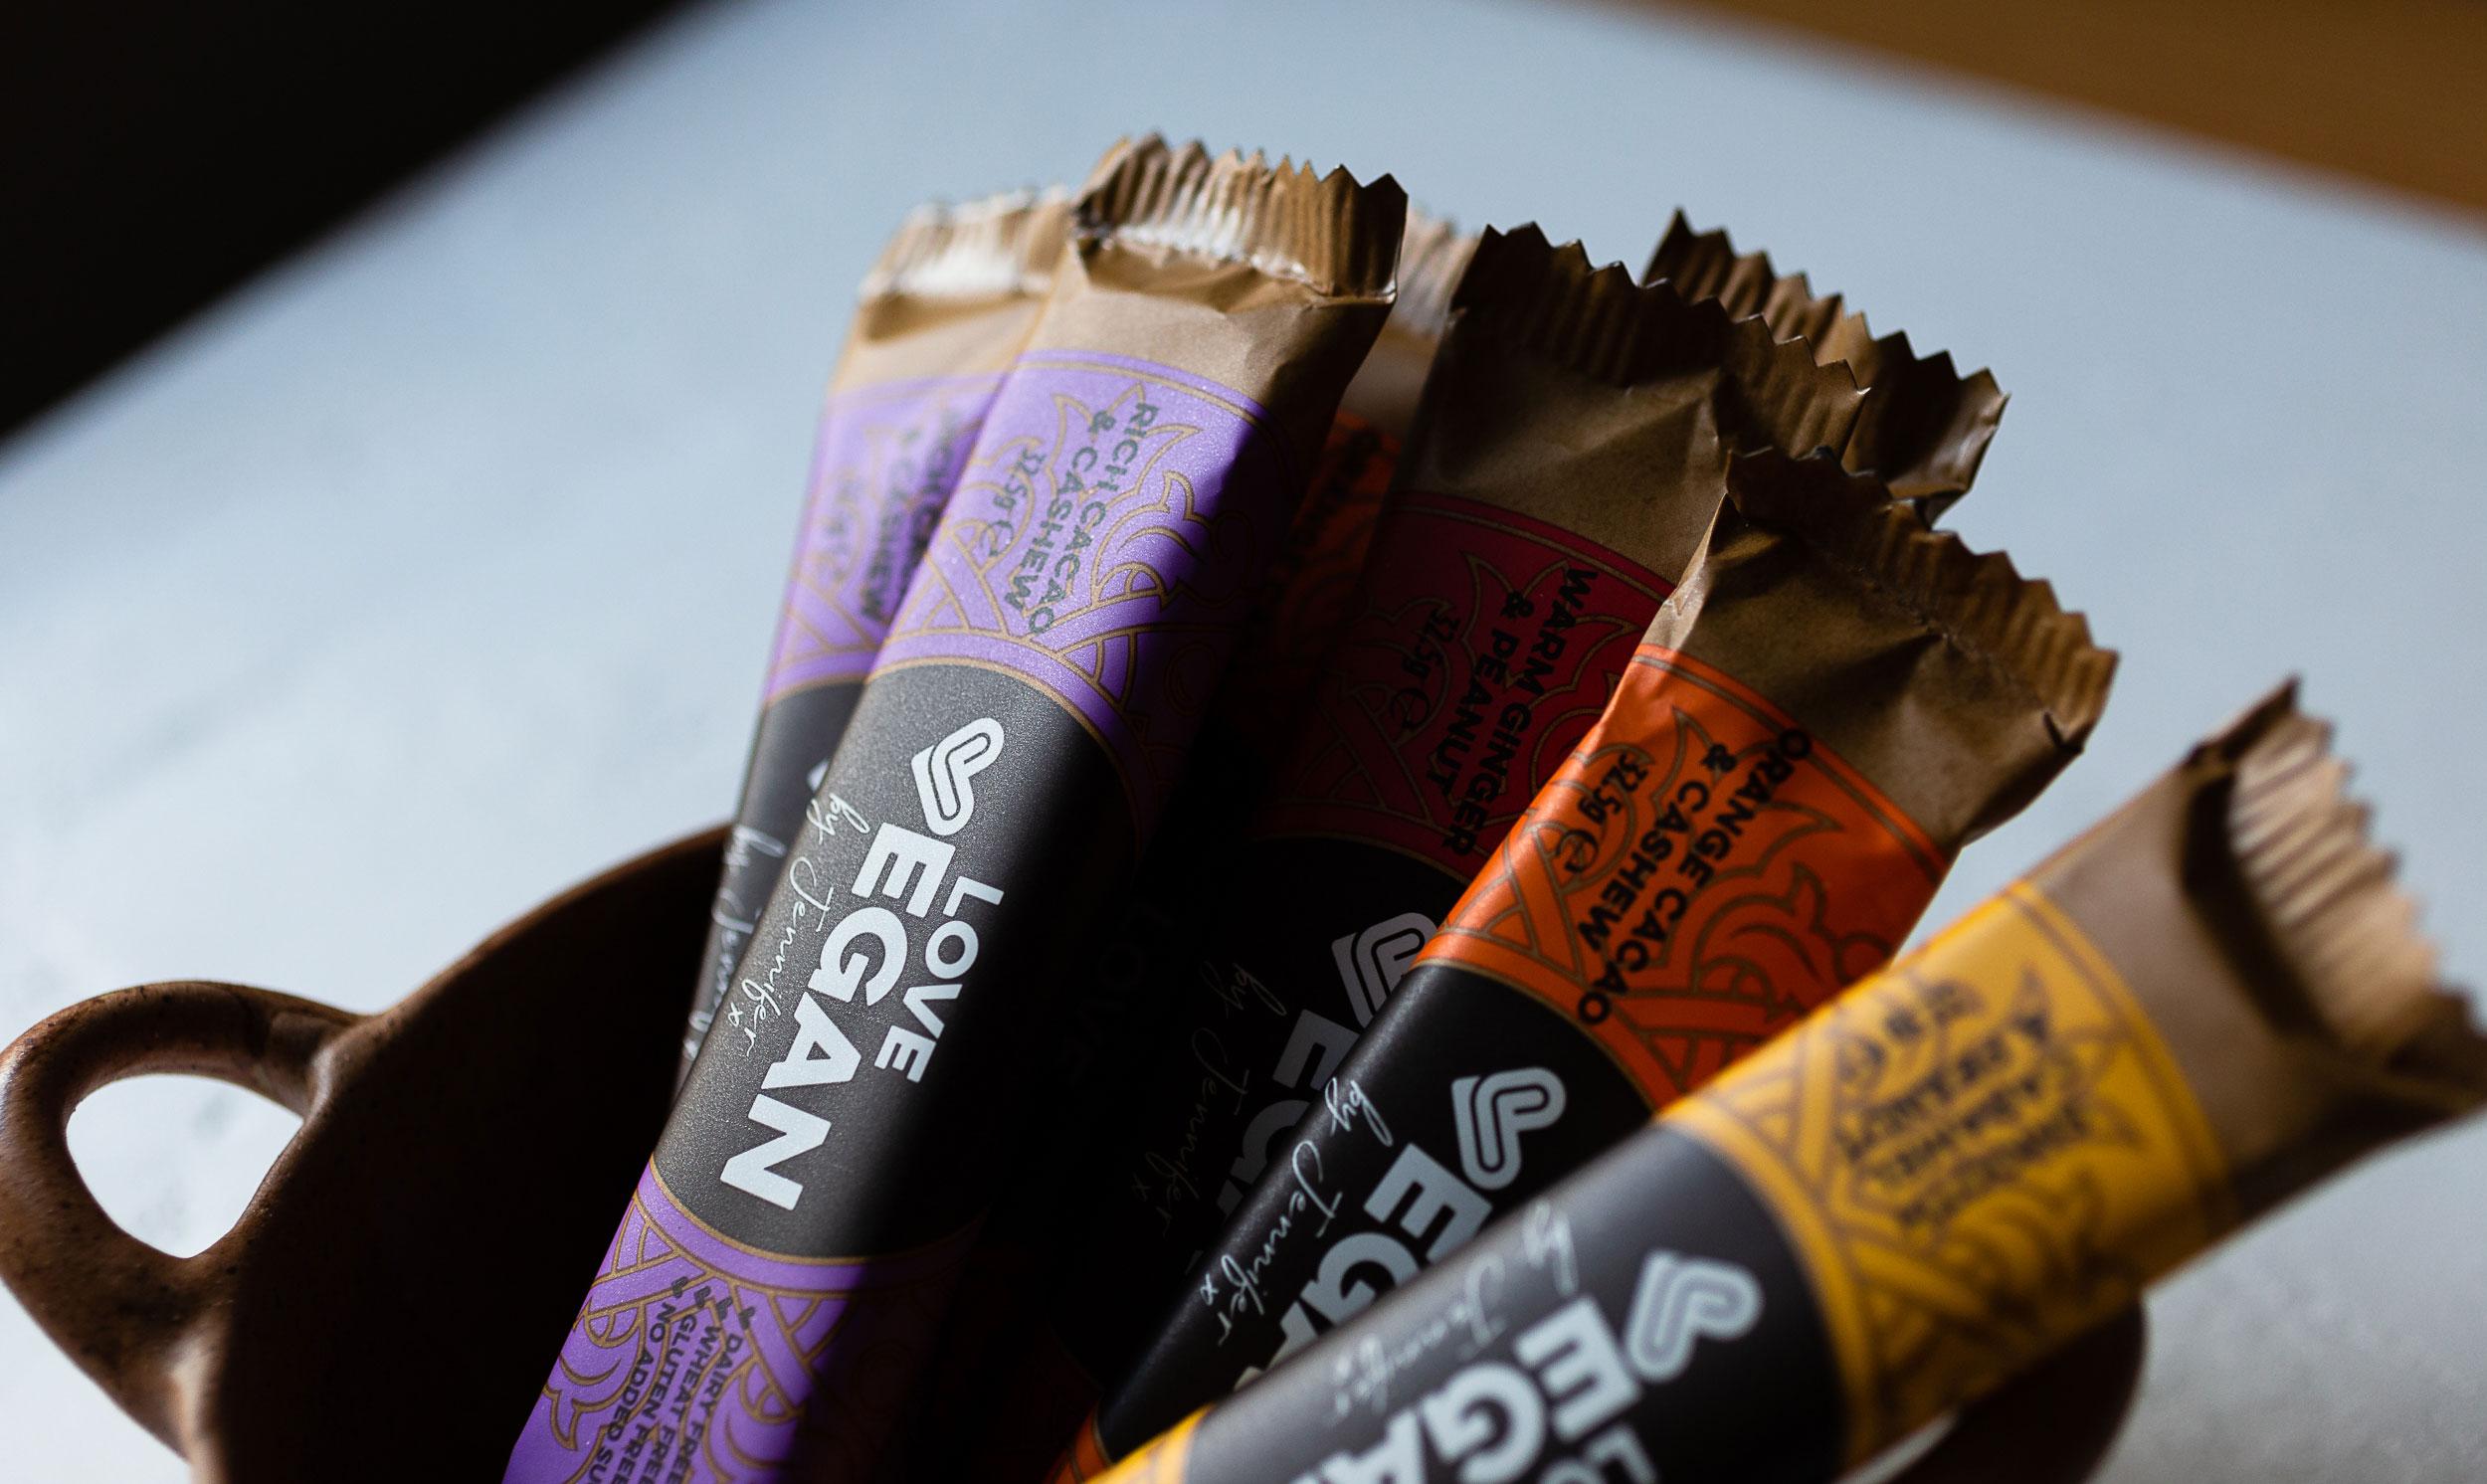 vegan-snack-bars.jpg